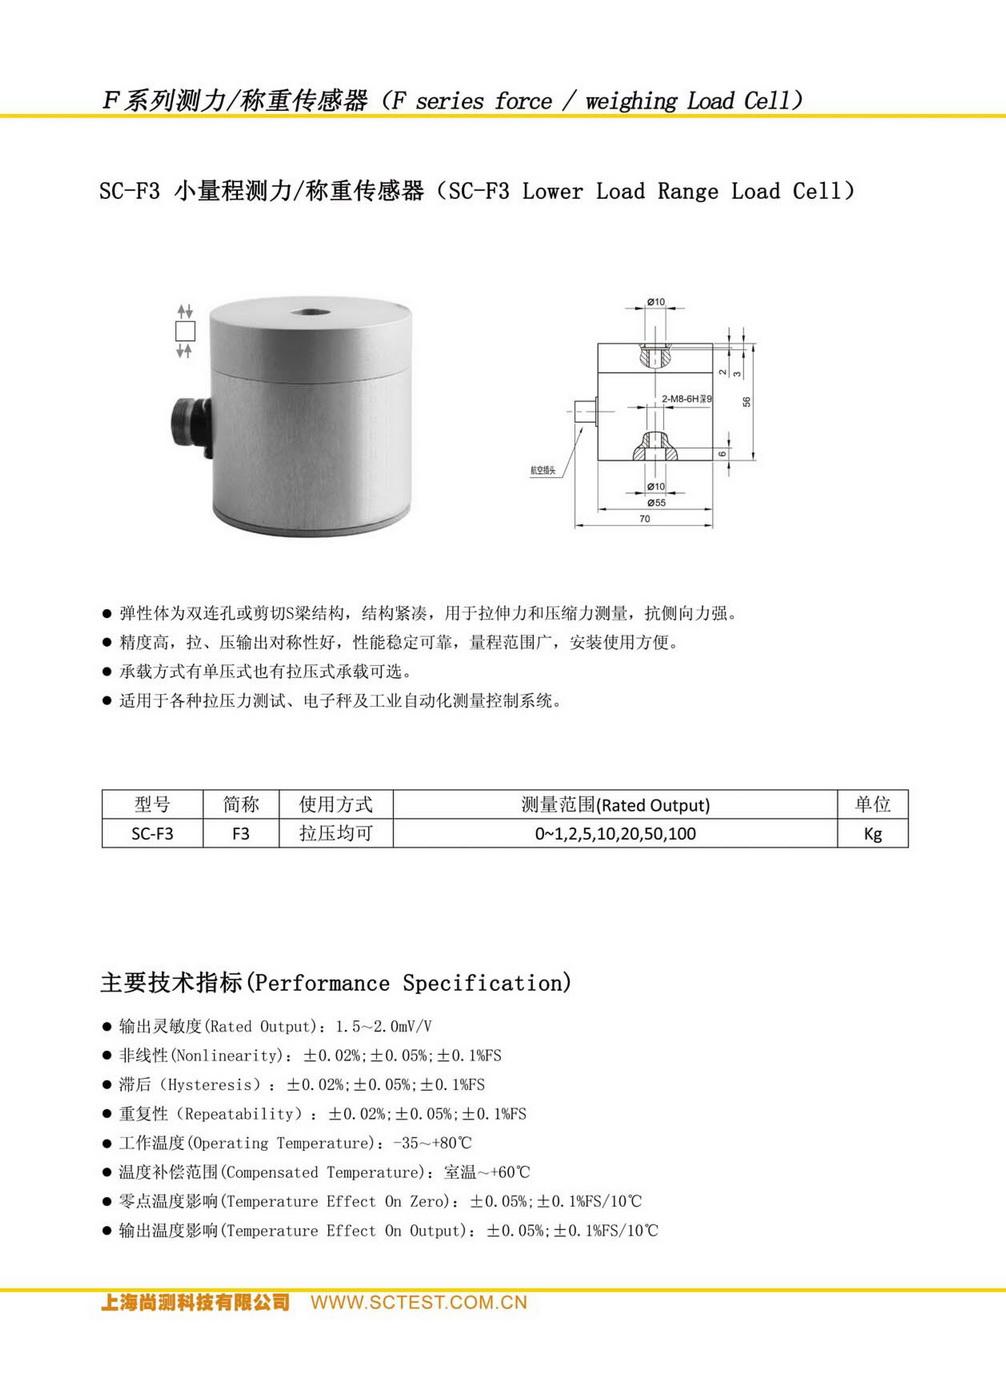 尚测科技产品选型手册 V1.3_页面_05_调整大小.jpg